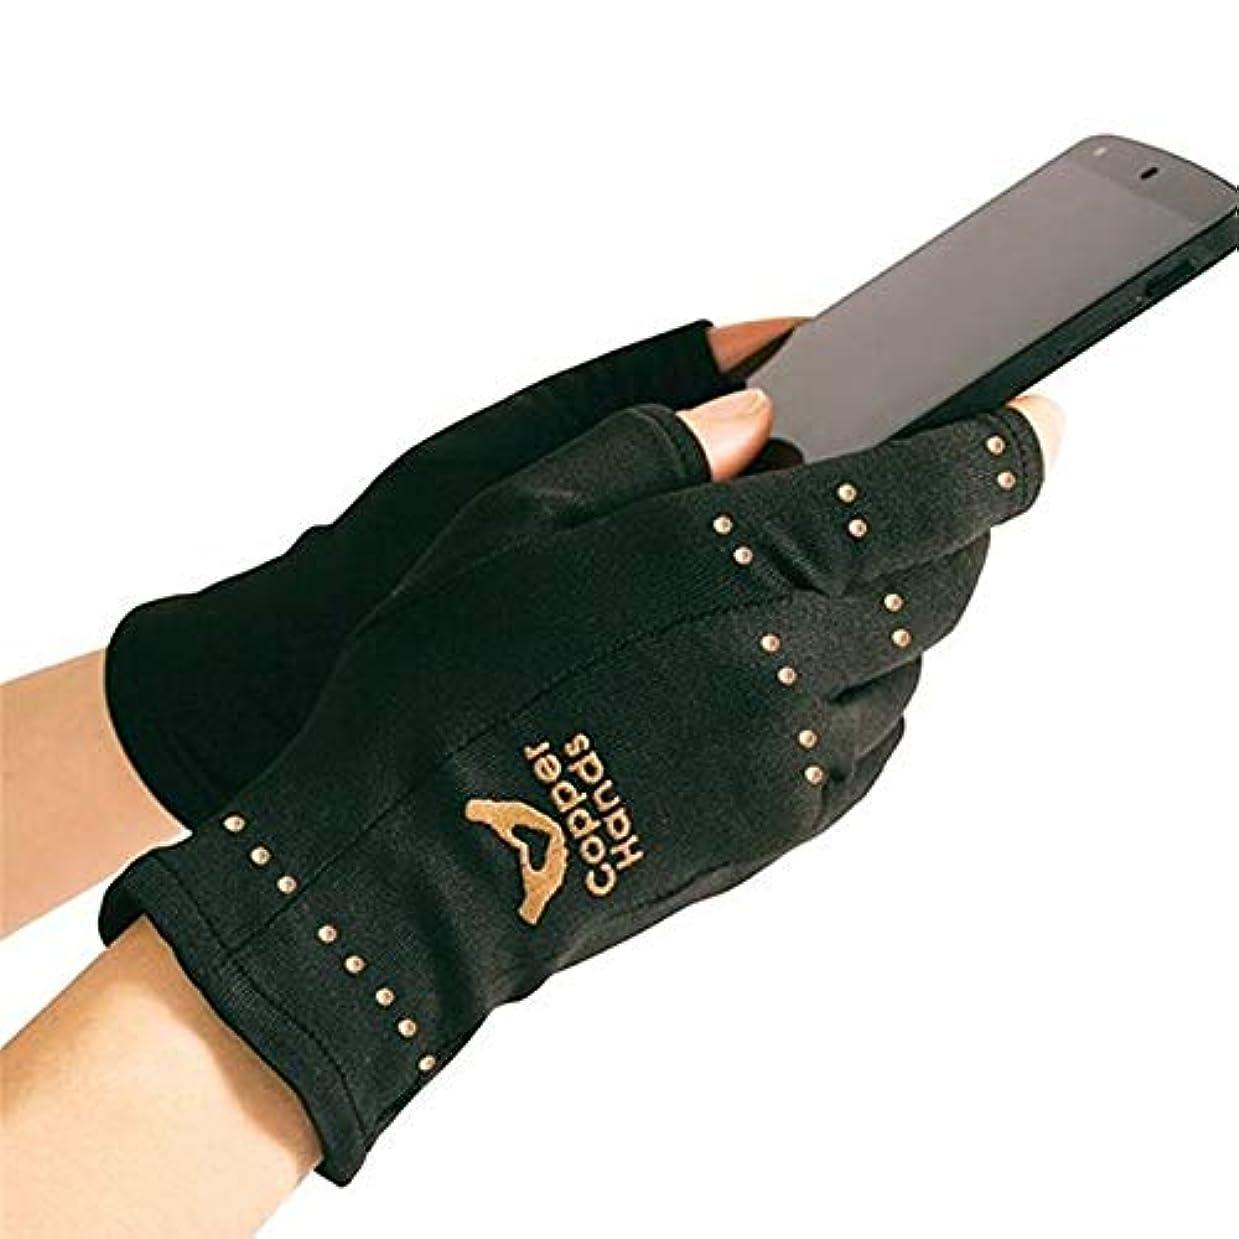 統合暴露成功するhapler 磁気療法手袋 磁気手袋 通気性 抗浮腫 関節炎手袋 関節炎着圧手袋 1ペア指なし手袋 関節炎解消 リウマチ性手痛 健康増進療法 手痛緩和手袋 男女通気性良い